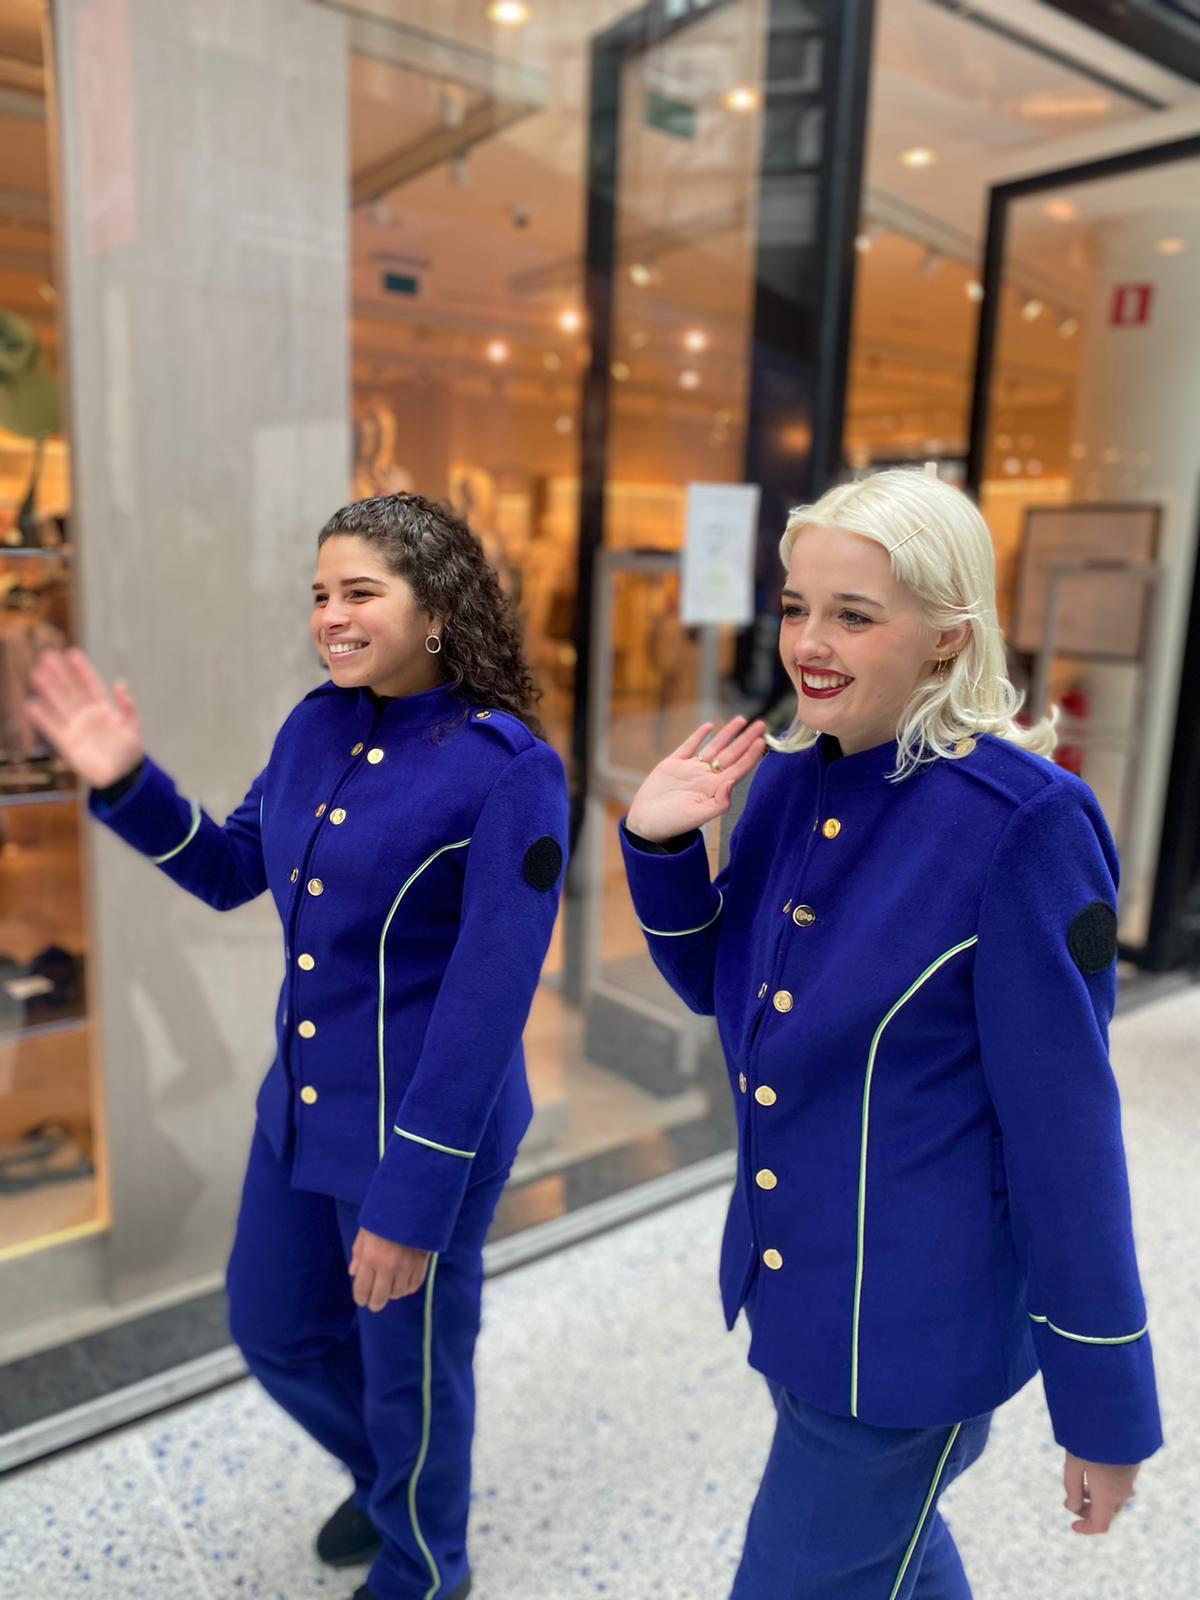 Personeelsfeest Eigen Haard Amsterdam 2017 met hostesses van GoodDay Hospitality